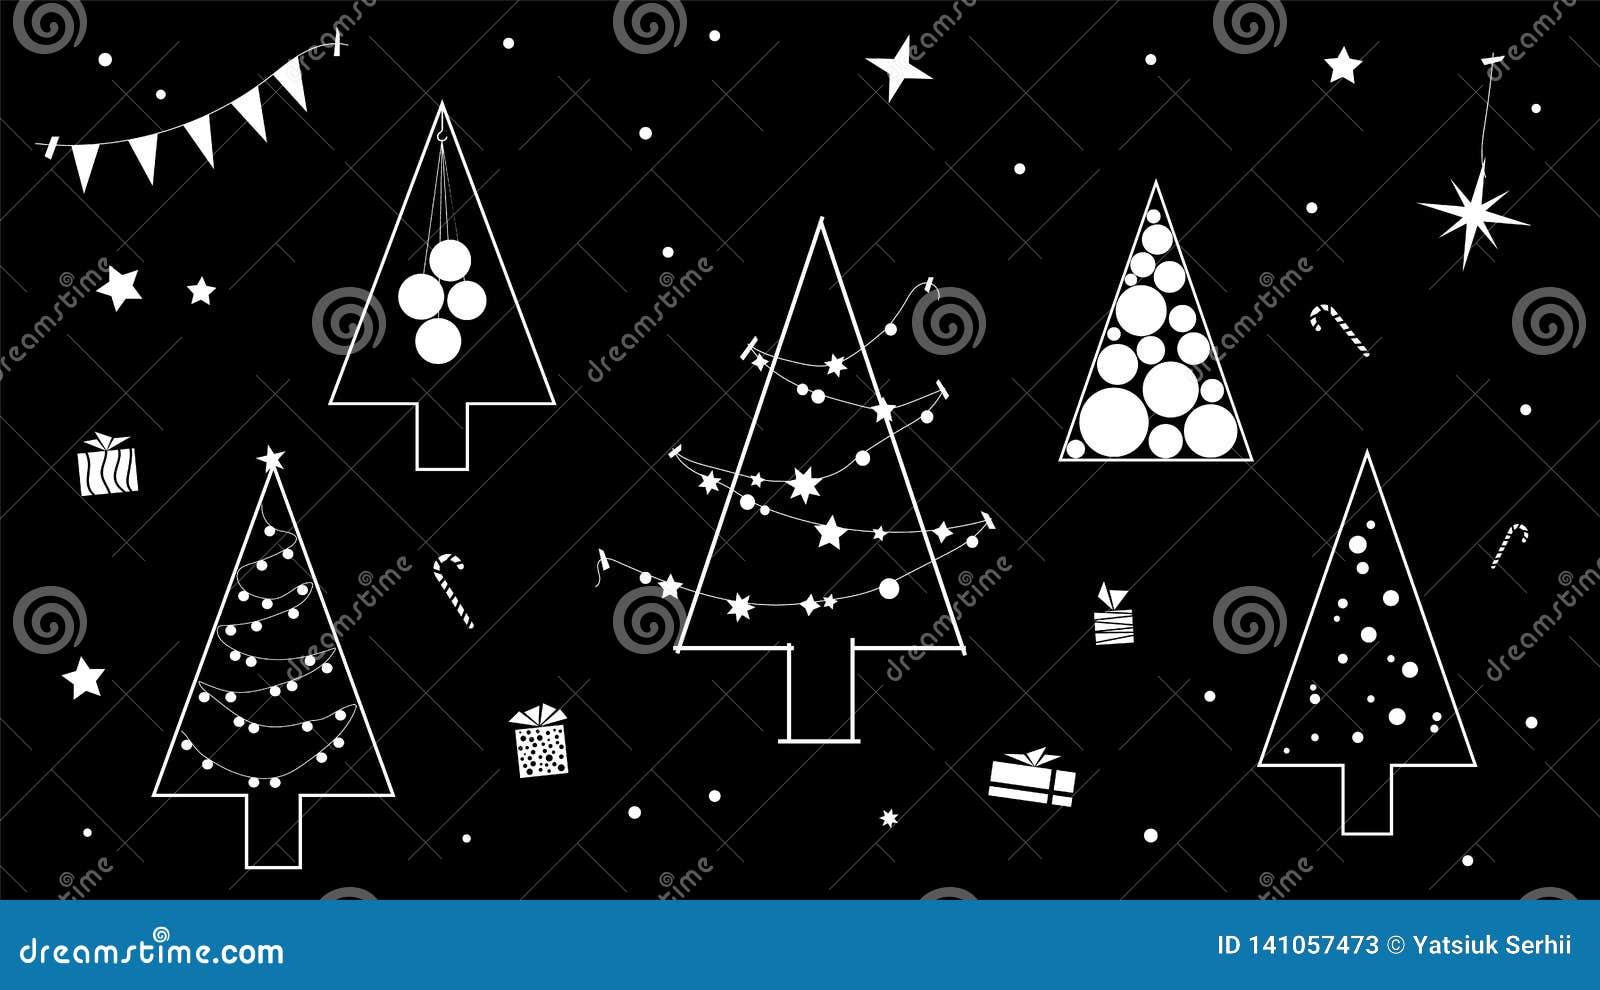 Creatieve zwart-witte contour van de Kerstboom in een moderne contouruitvoering